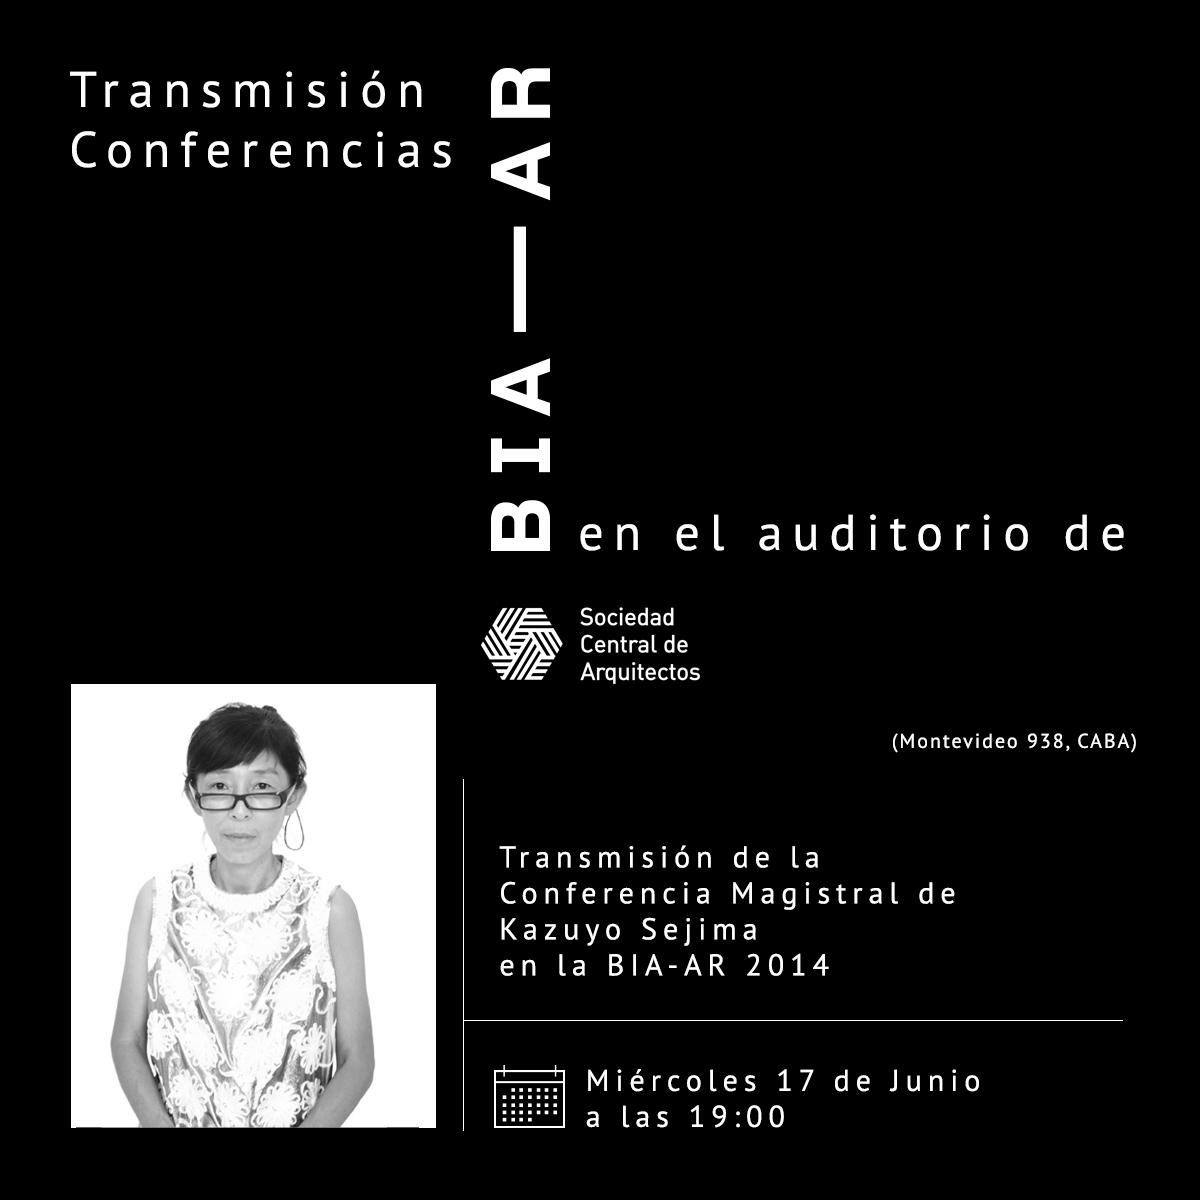 Transmisión de la Conferencia de Kazuyo Sejima BIA-AR 2014, en la SCA